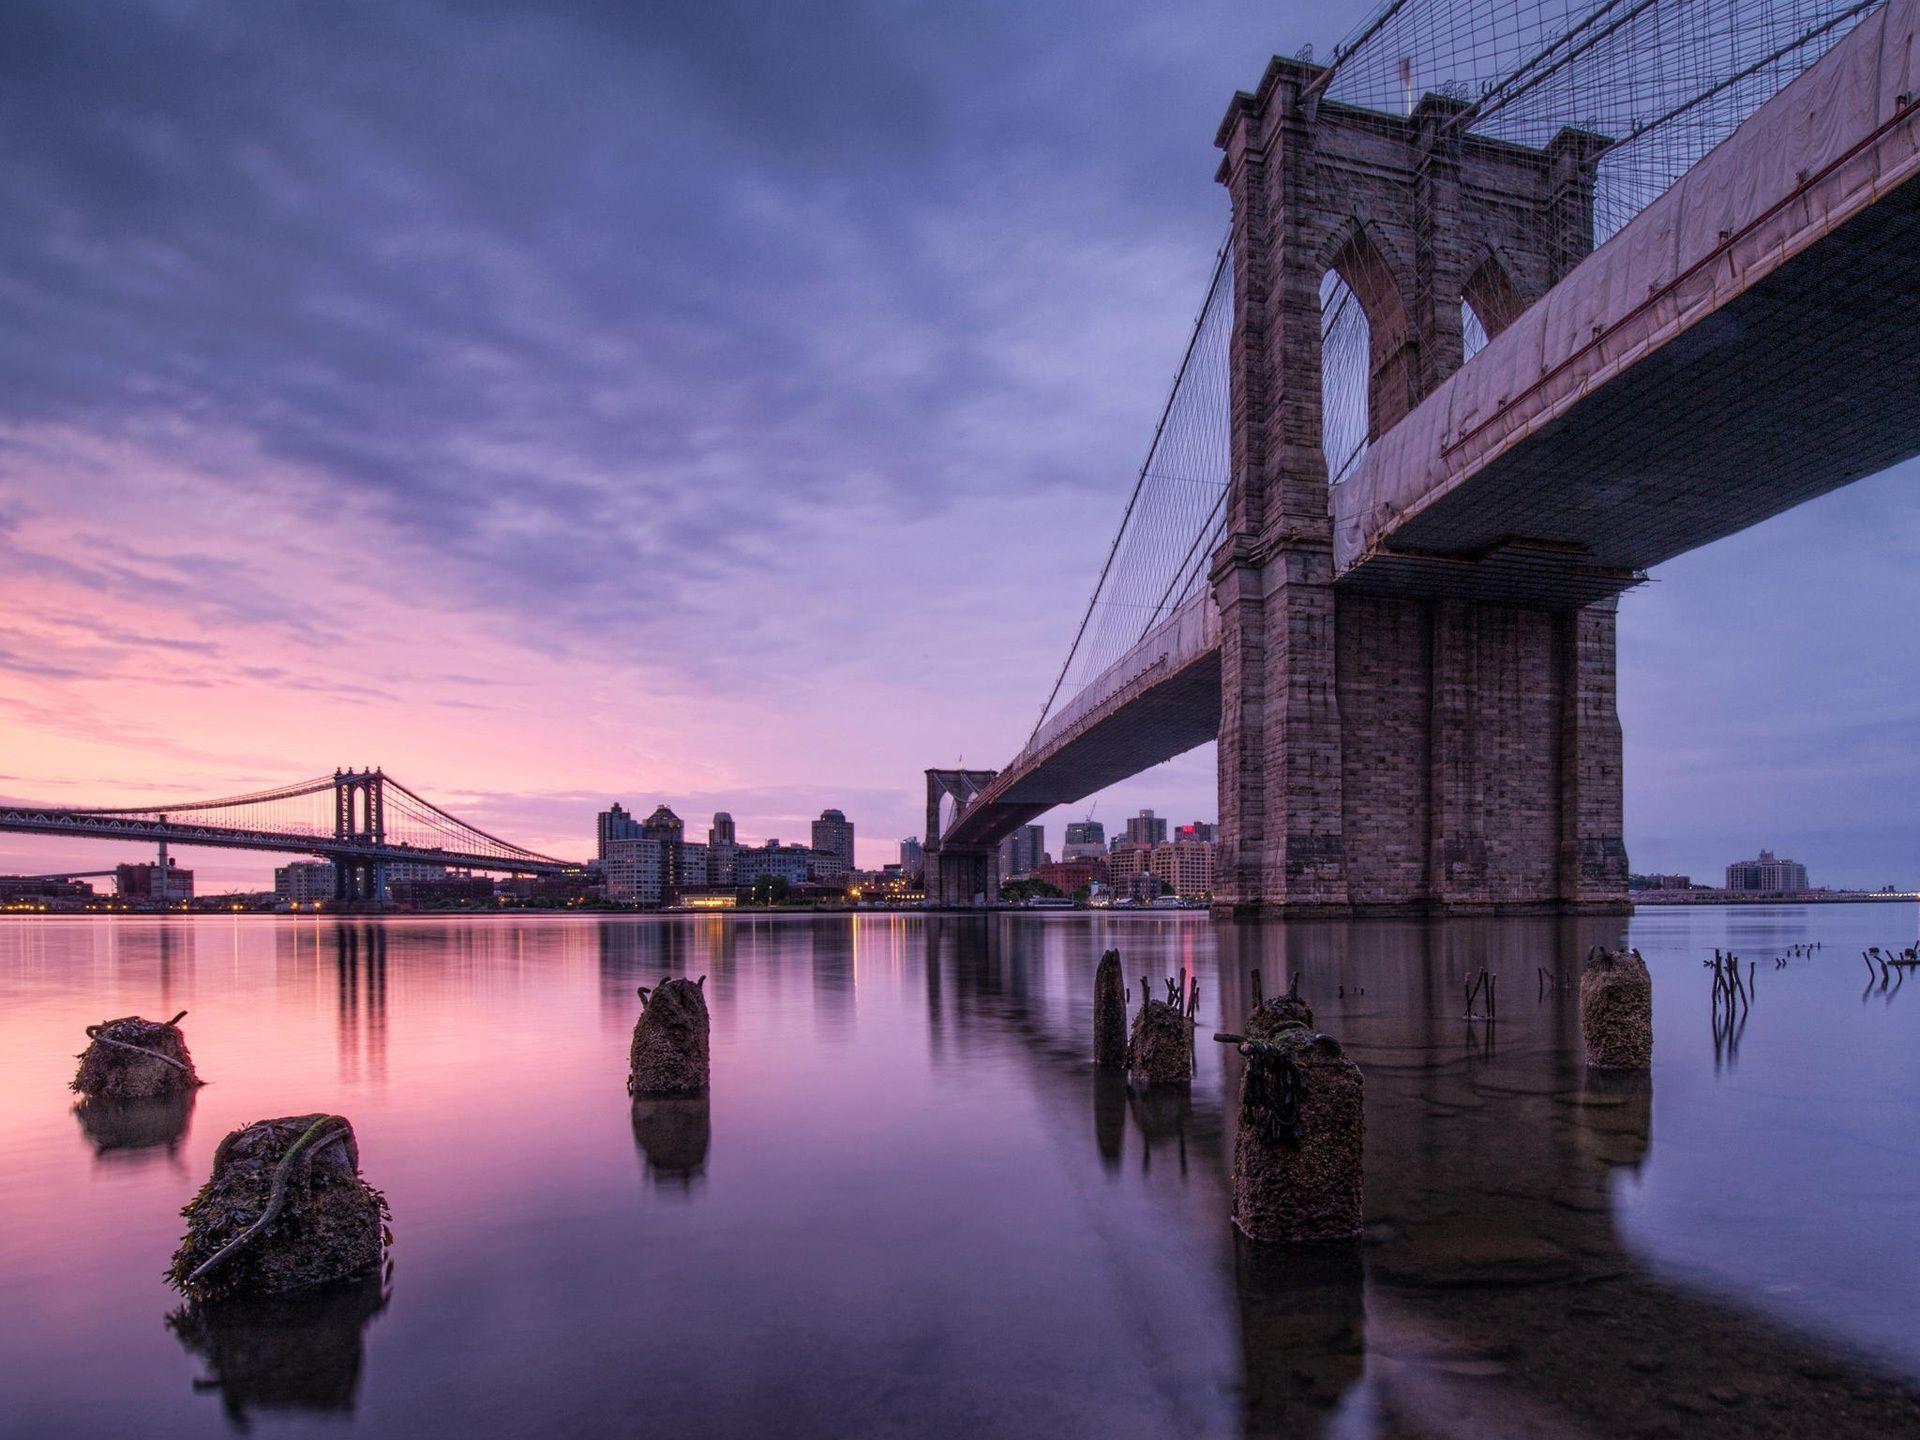 Nueva York, EE.UU. Puente de Brooklyn